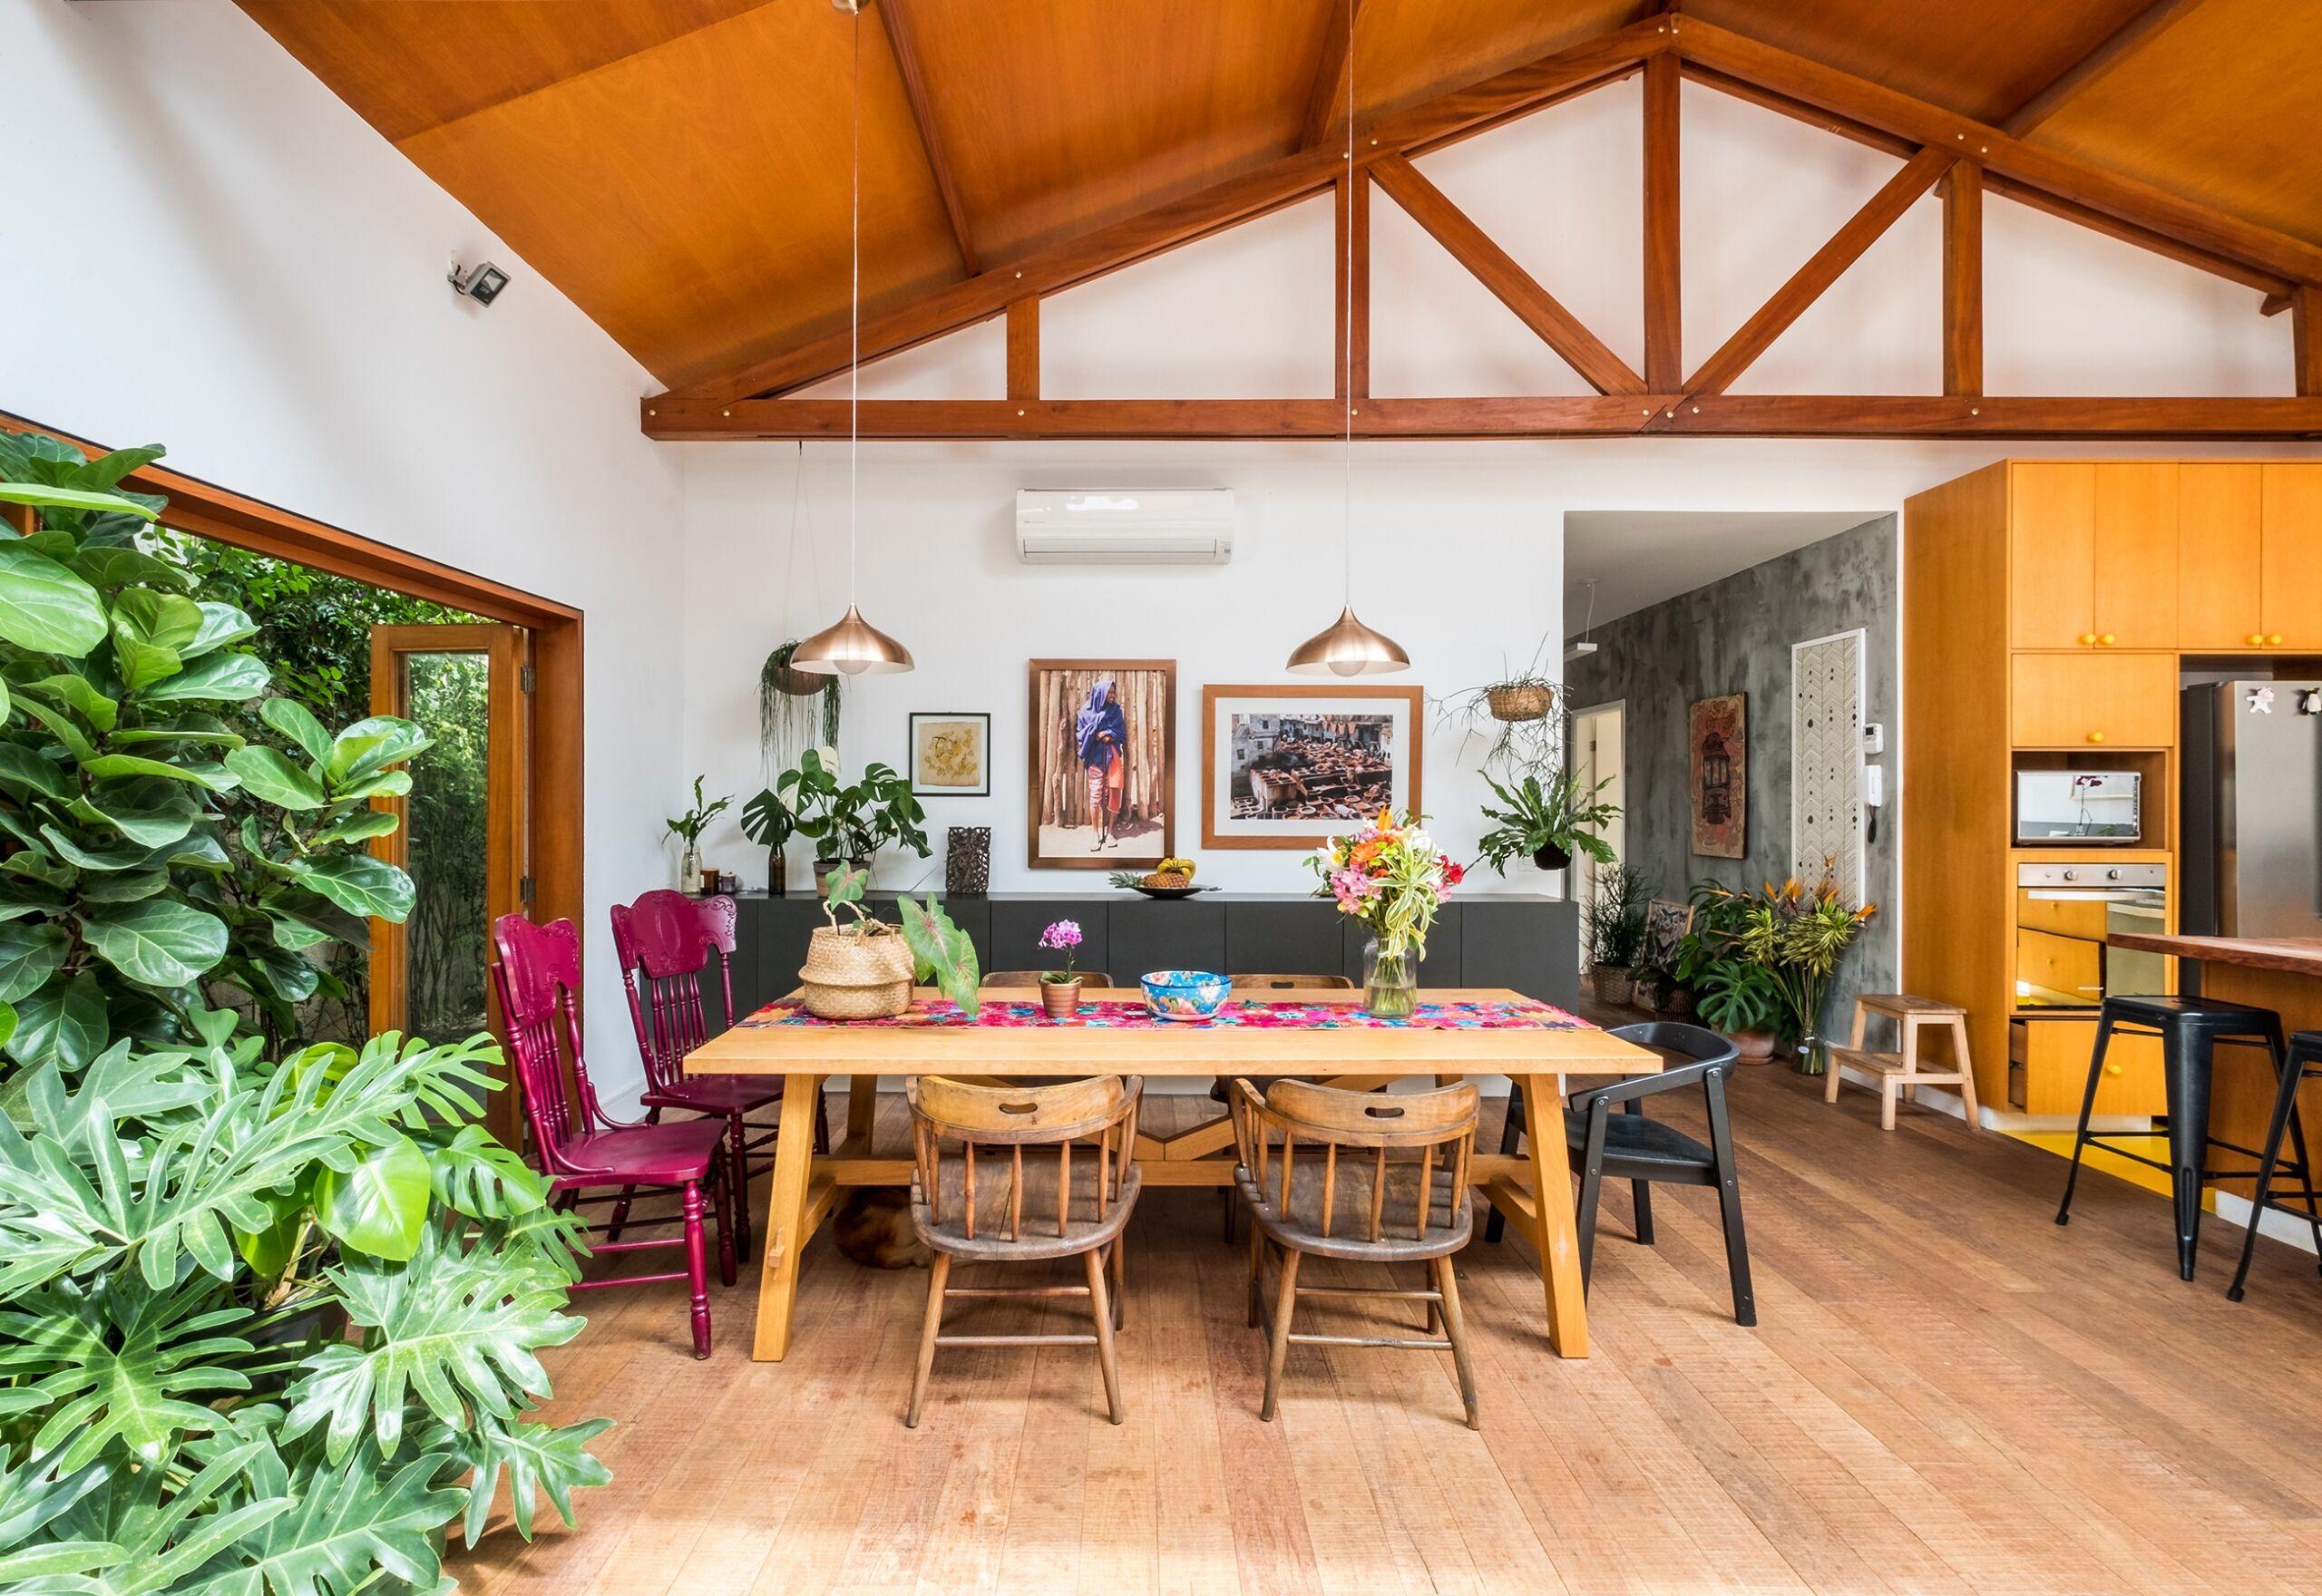 Casa térrea com forro de madeira, espaços abertos e muitas plantas